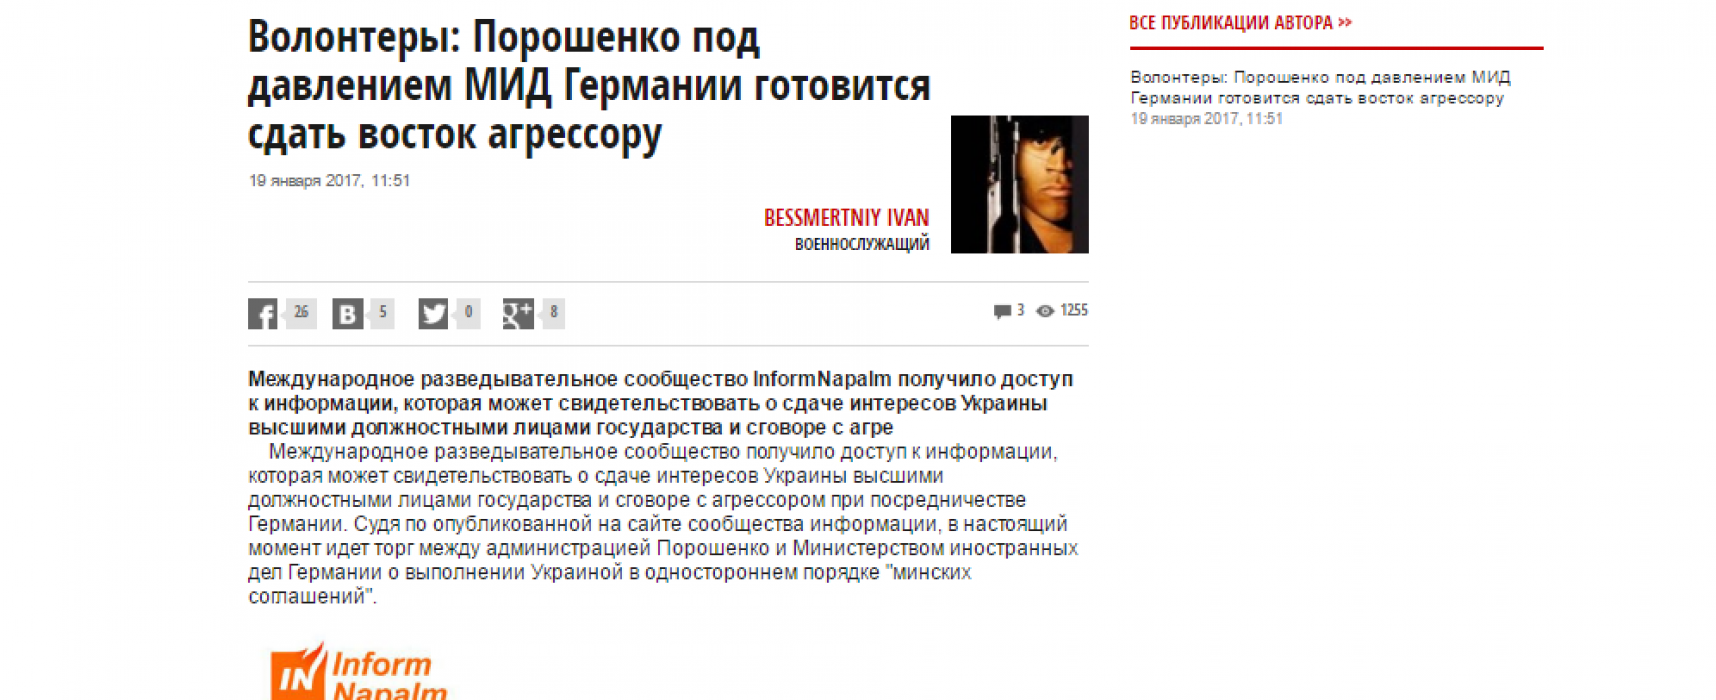 «Korrespondent» a publié une fausse lettre de l'ambassadeur d'Allemagne en Ukraine au Président de l'Ukraine Petro Porochenko